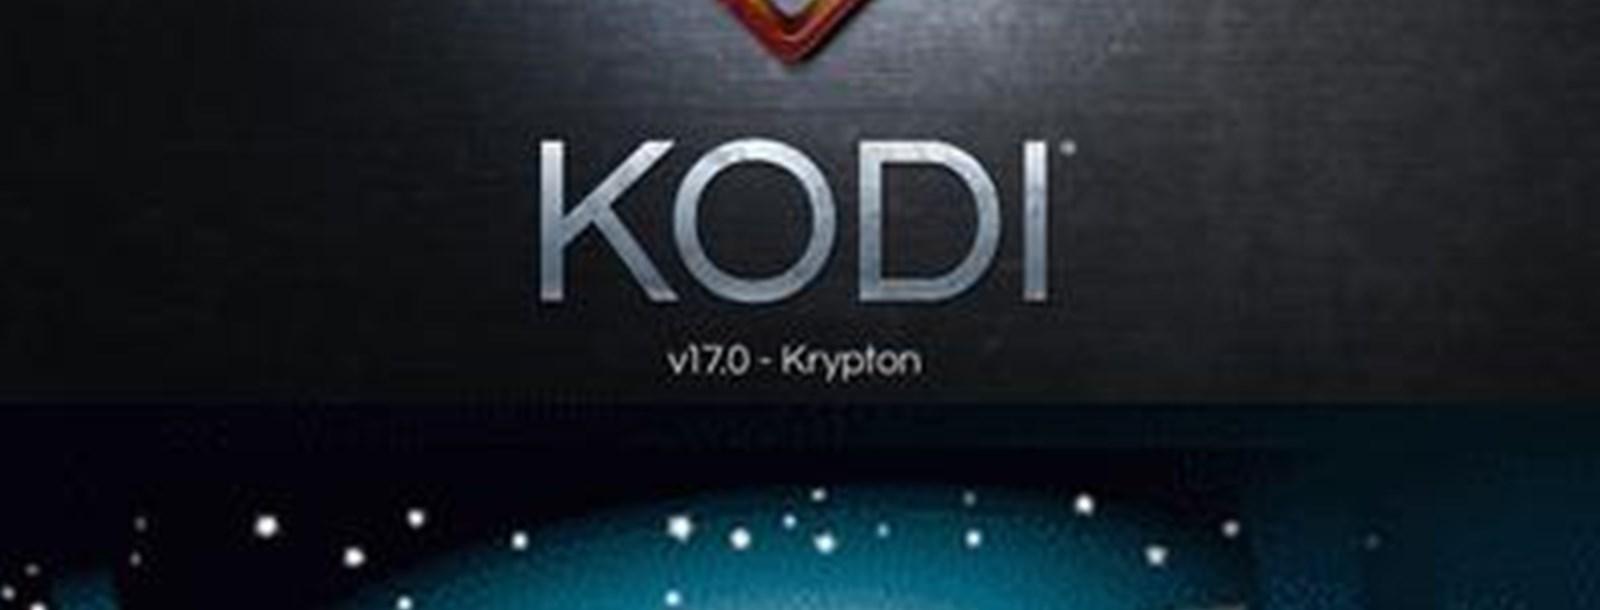 Titlovi.com oficijelni KODI plugin